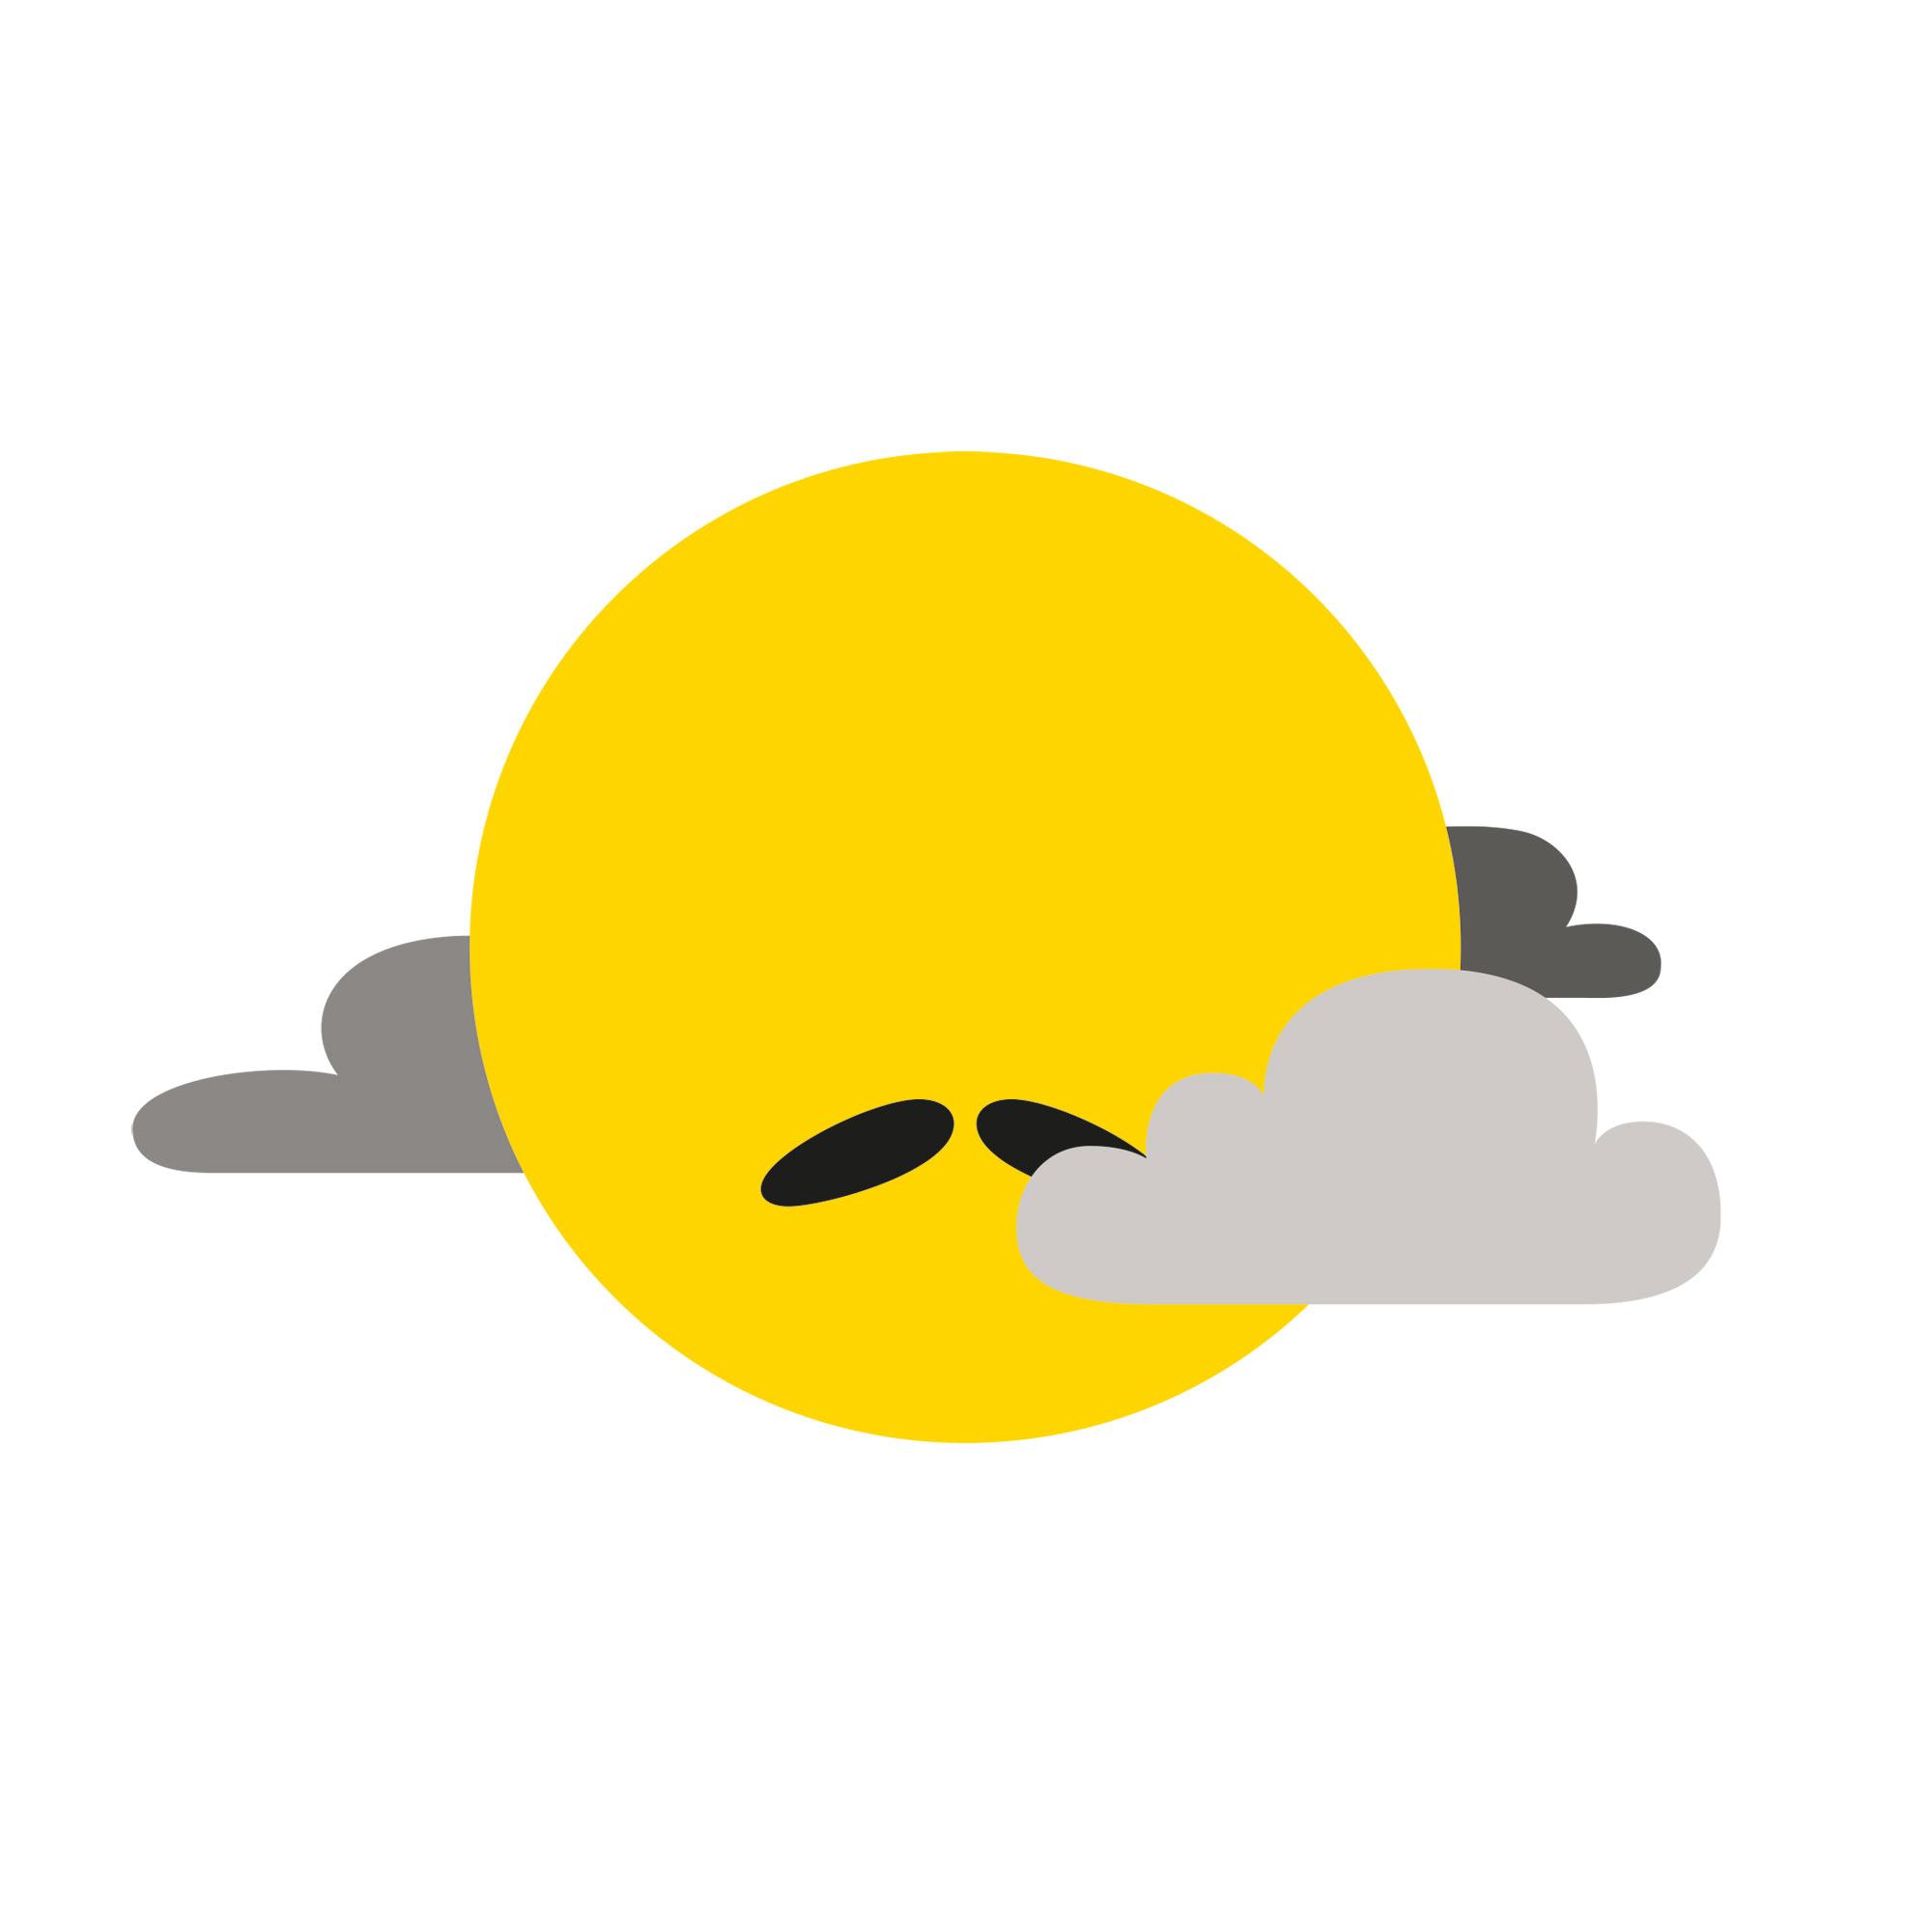 solulf nå då så cover